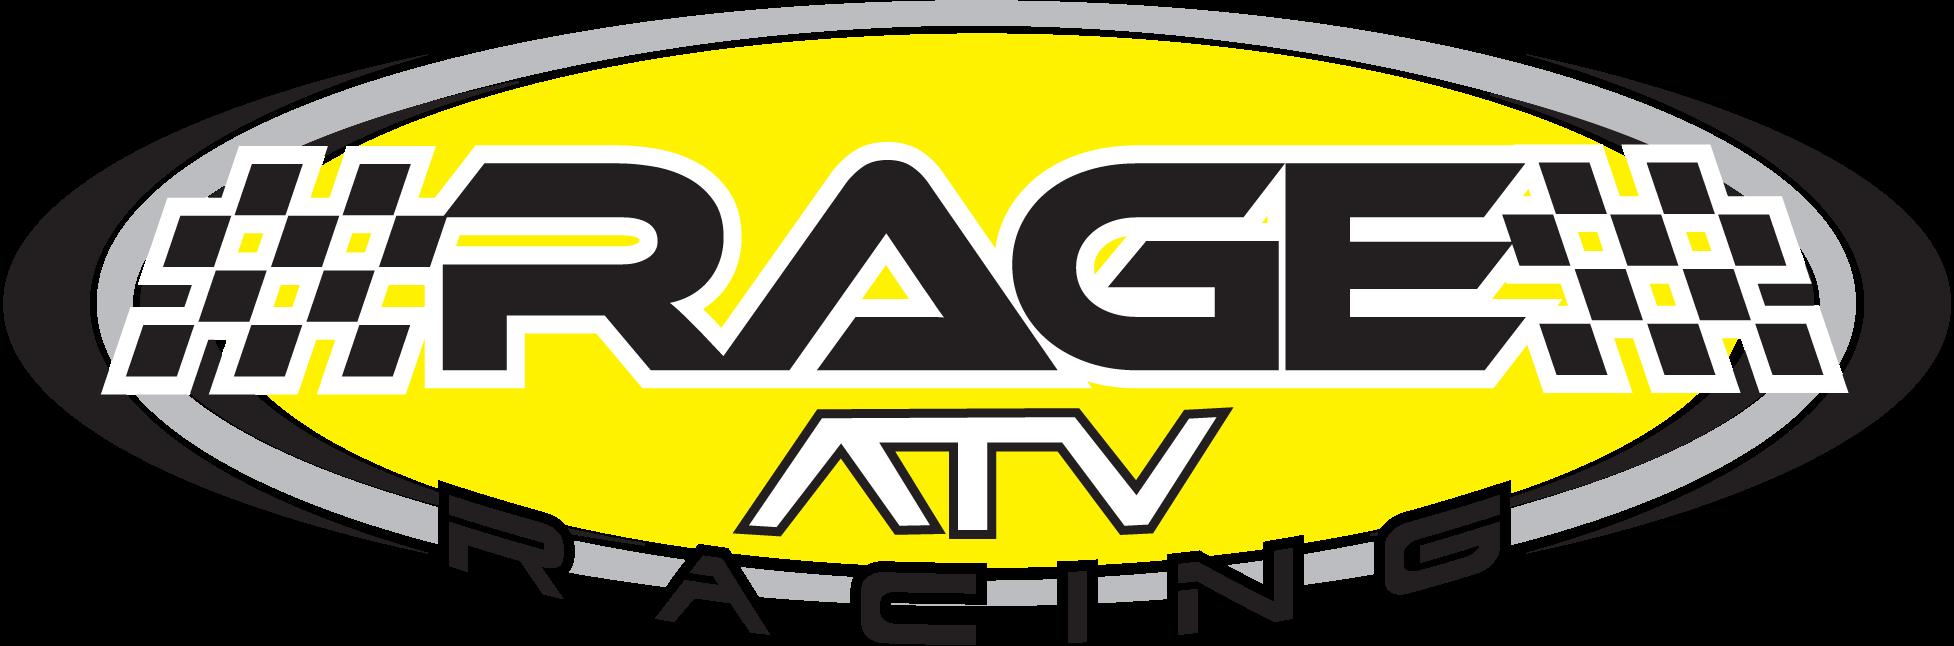 http://5vj.010.myftpupload.com/wp-content/uploads/2018/02/cropped-Rage-Logo.png